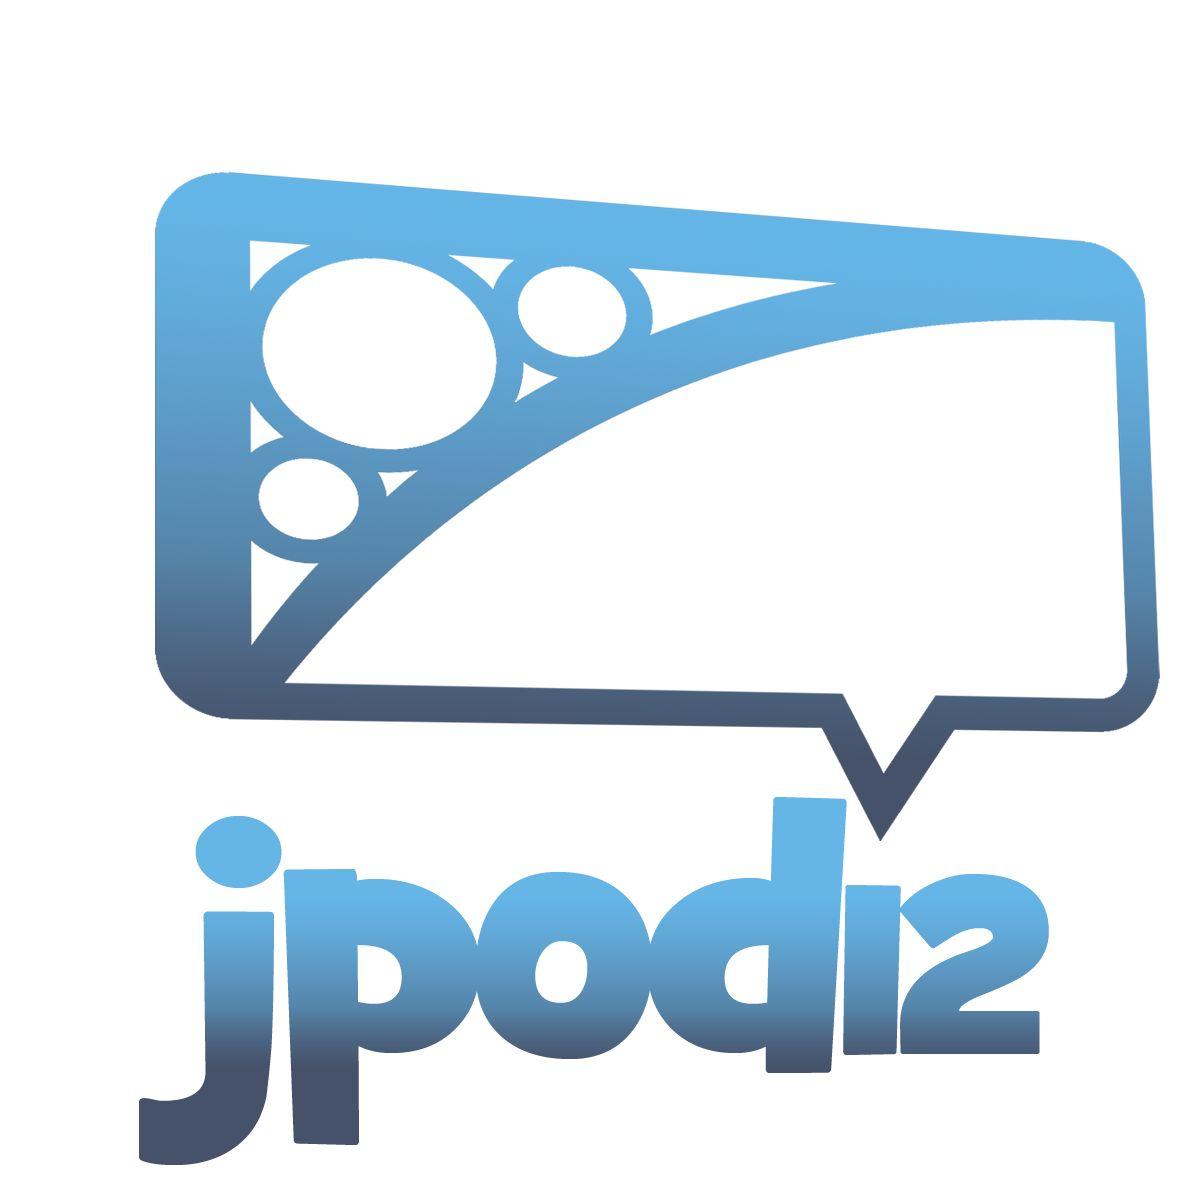 Inscríbete en la Jpod12 de Sevilla